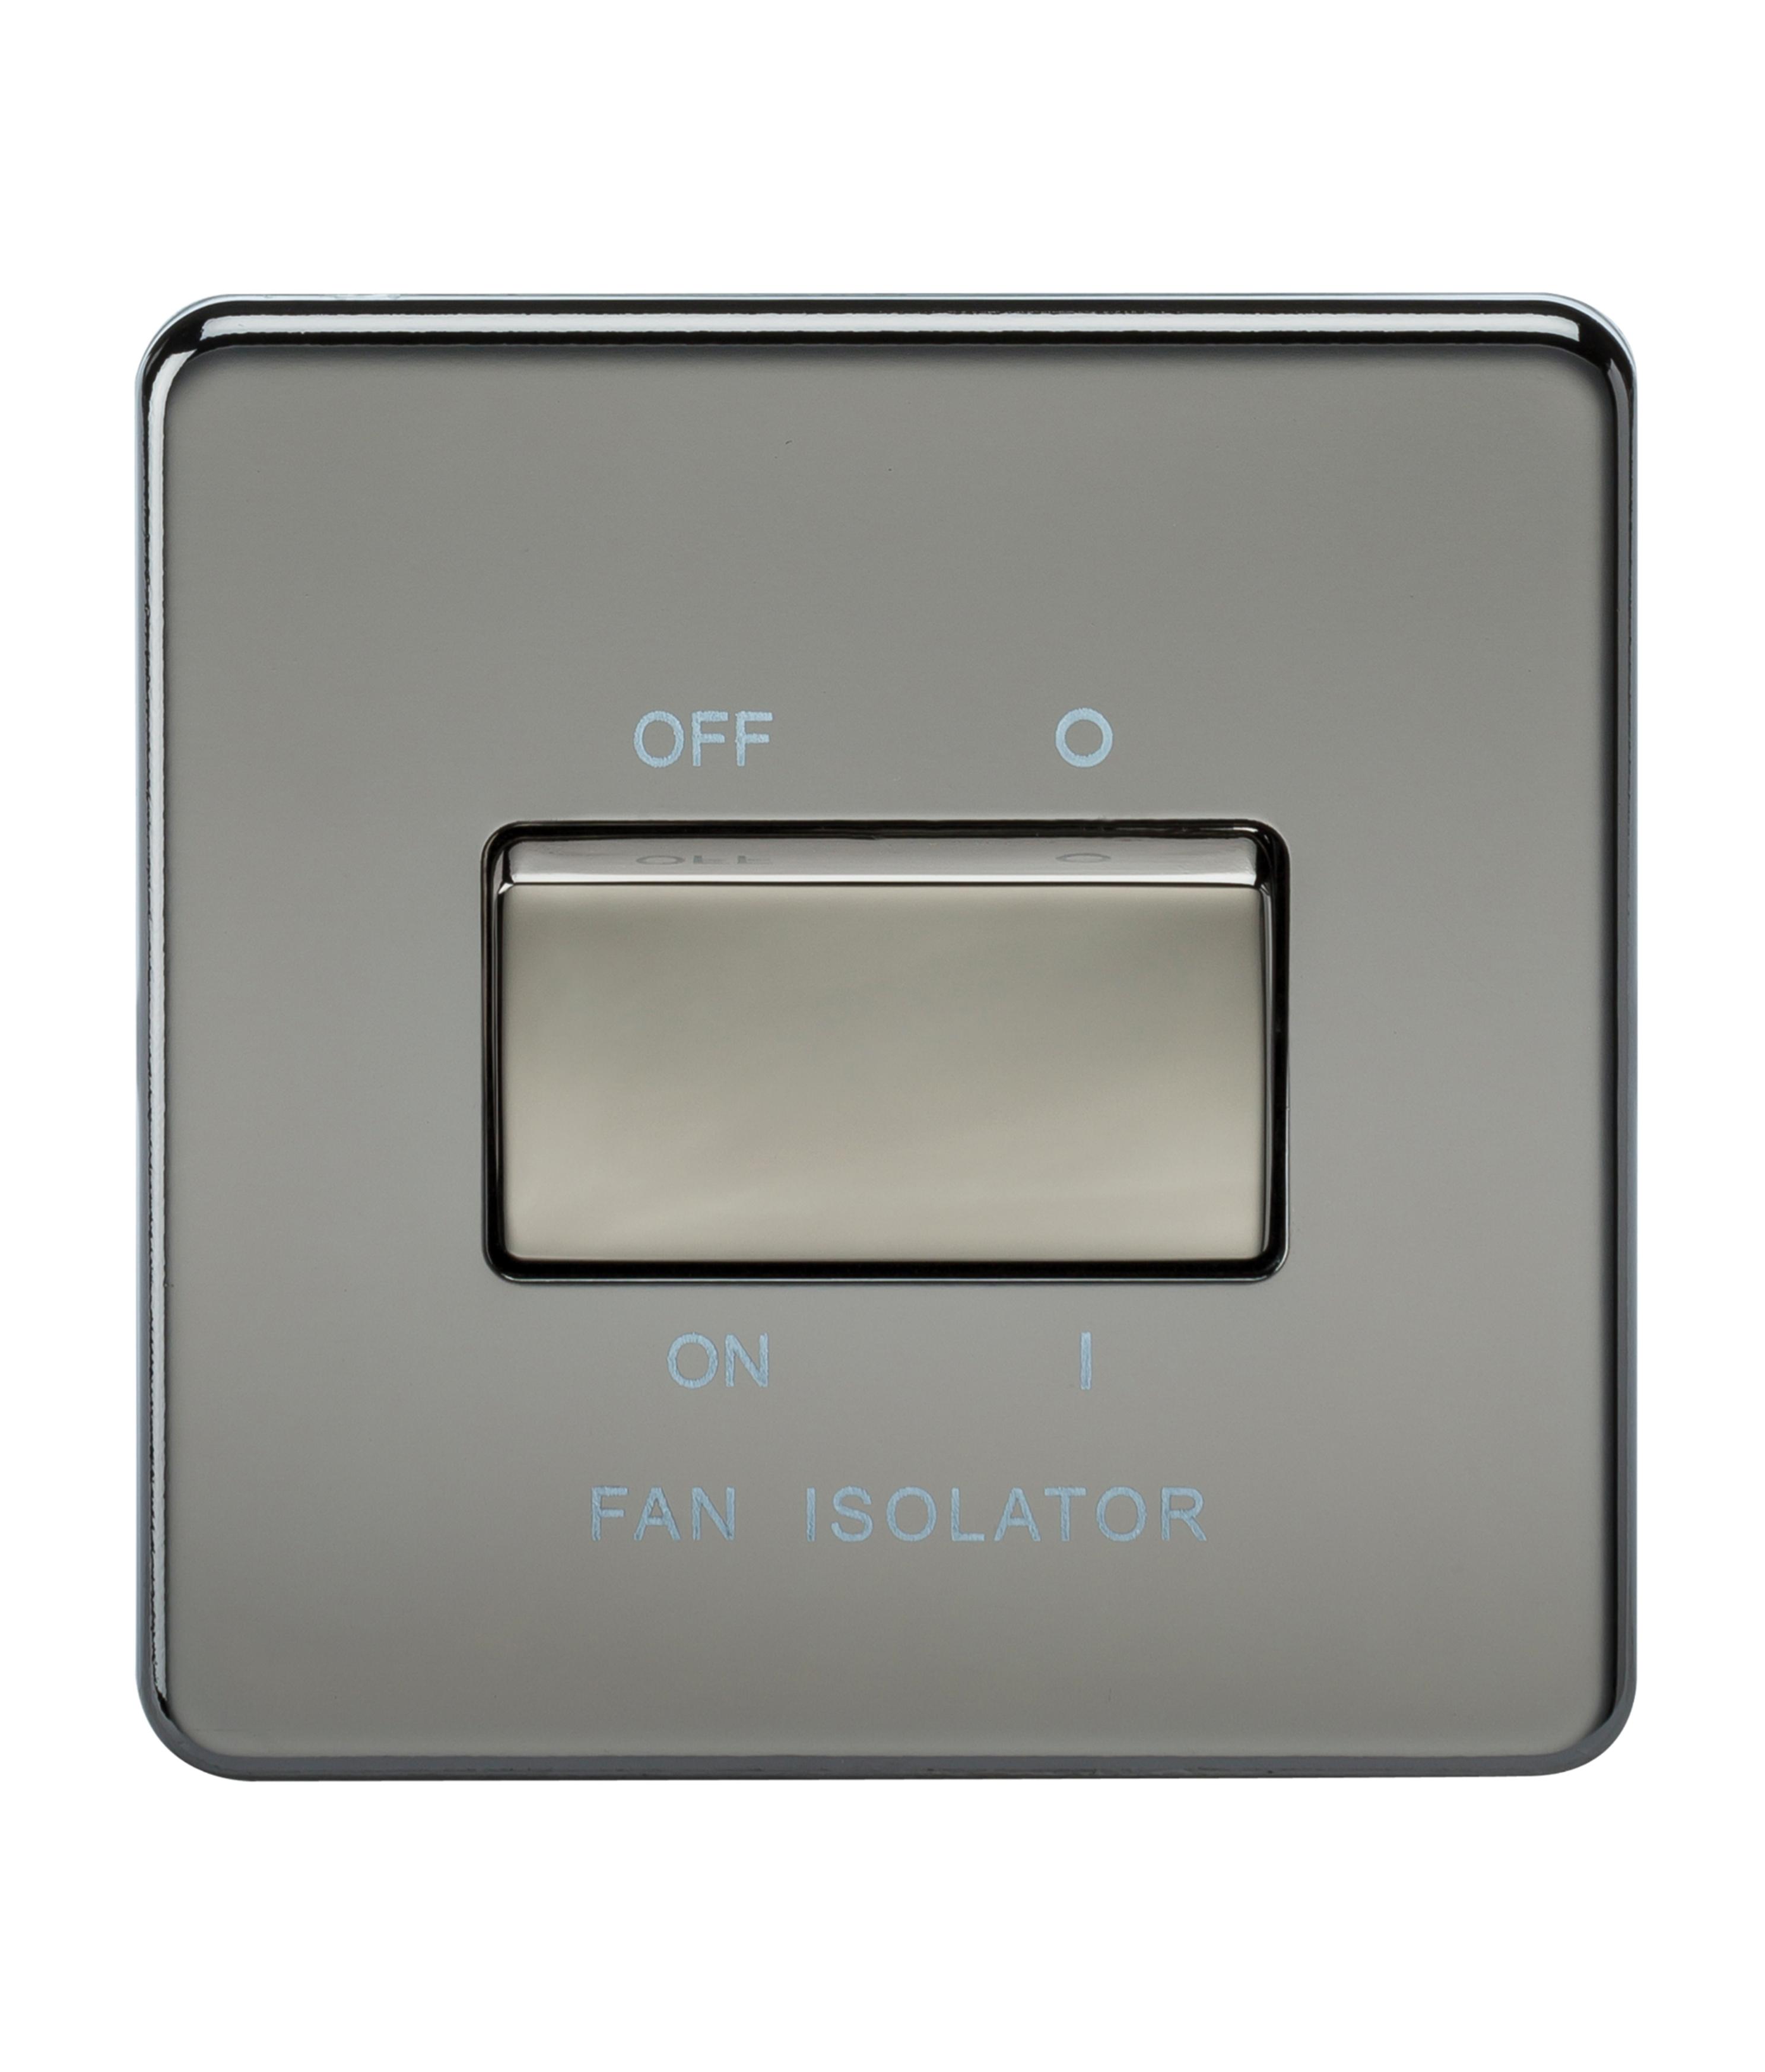 Bathroom Fan Isolator Switch